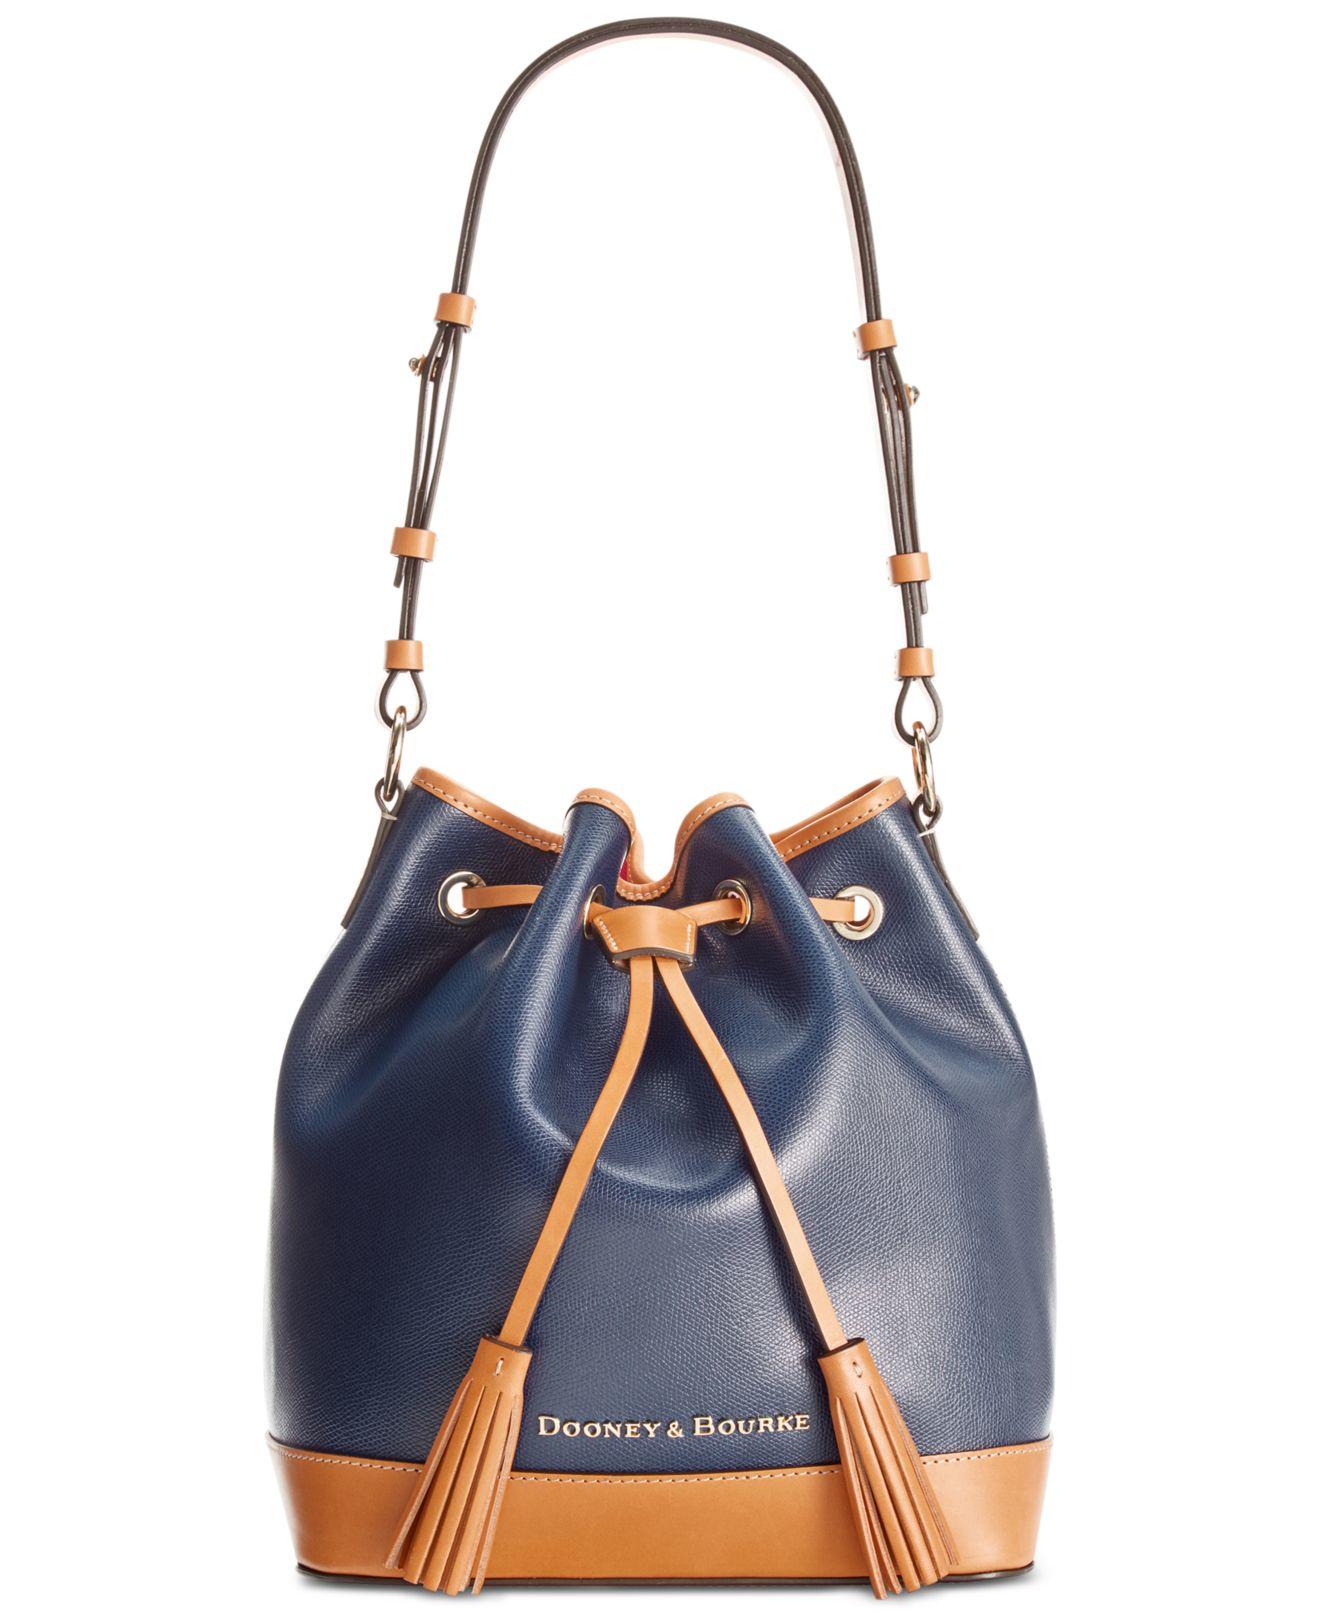 Dooney & bourke Claremont Drawstring Bag in Blue | Lyst